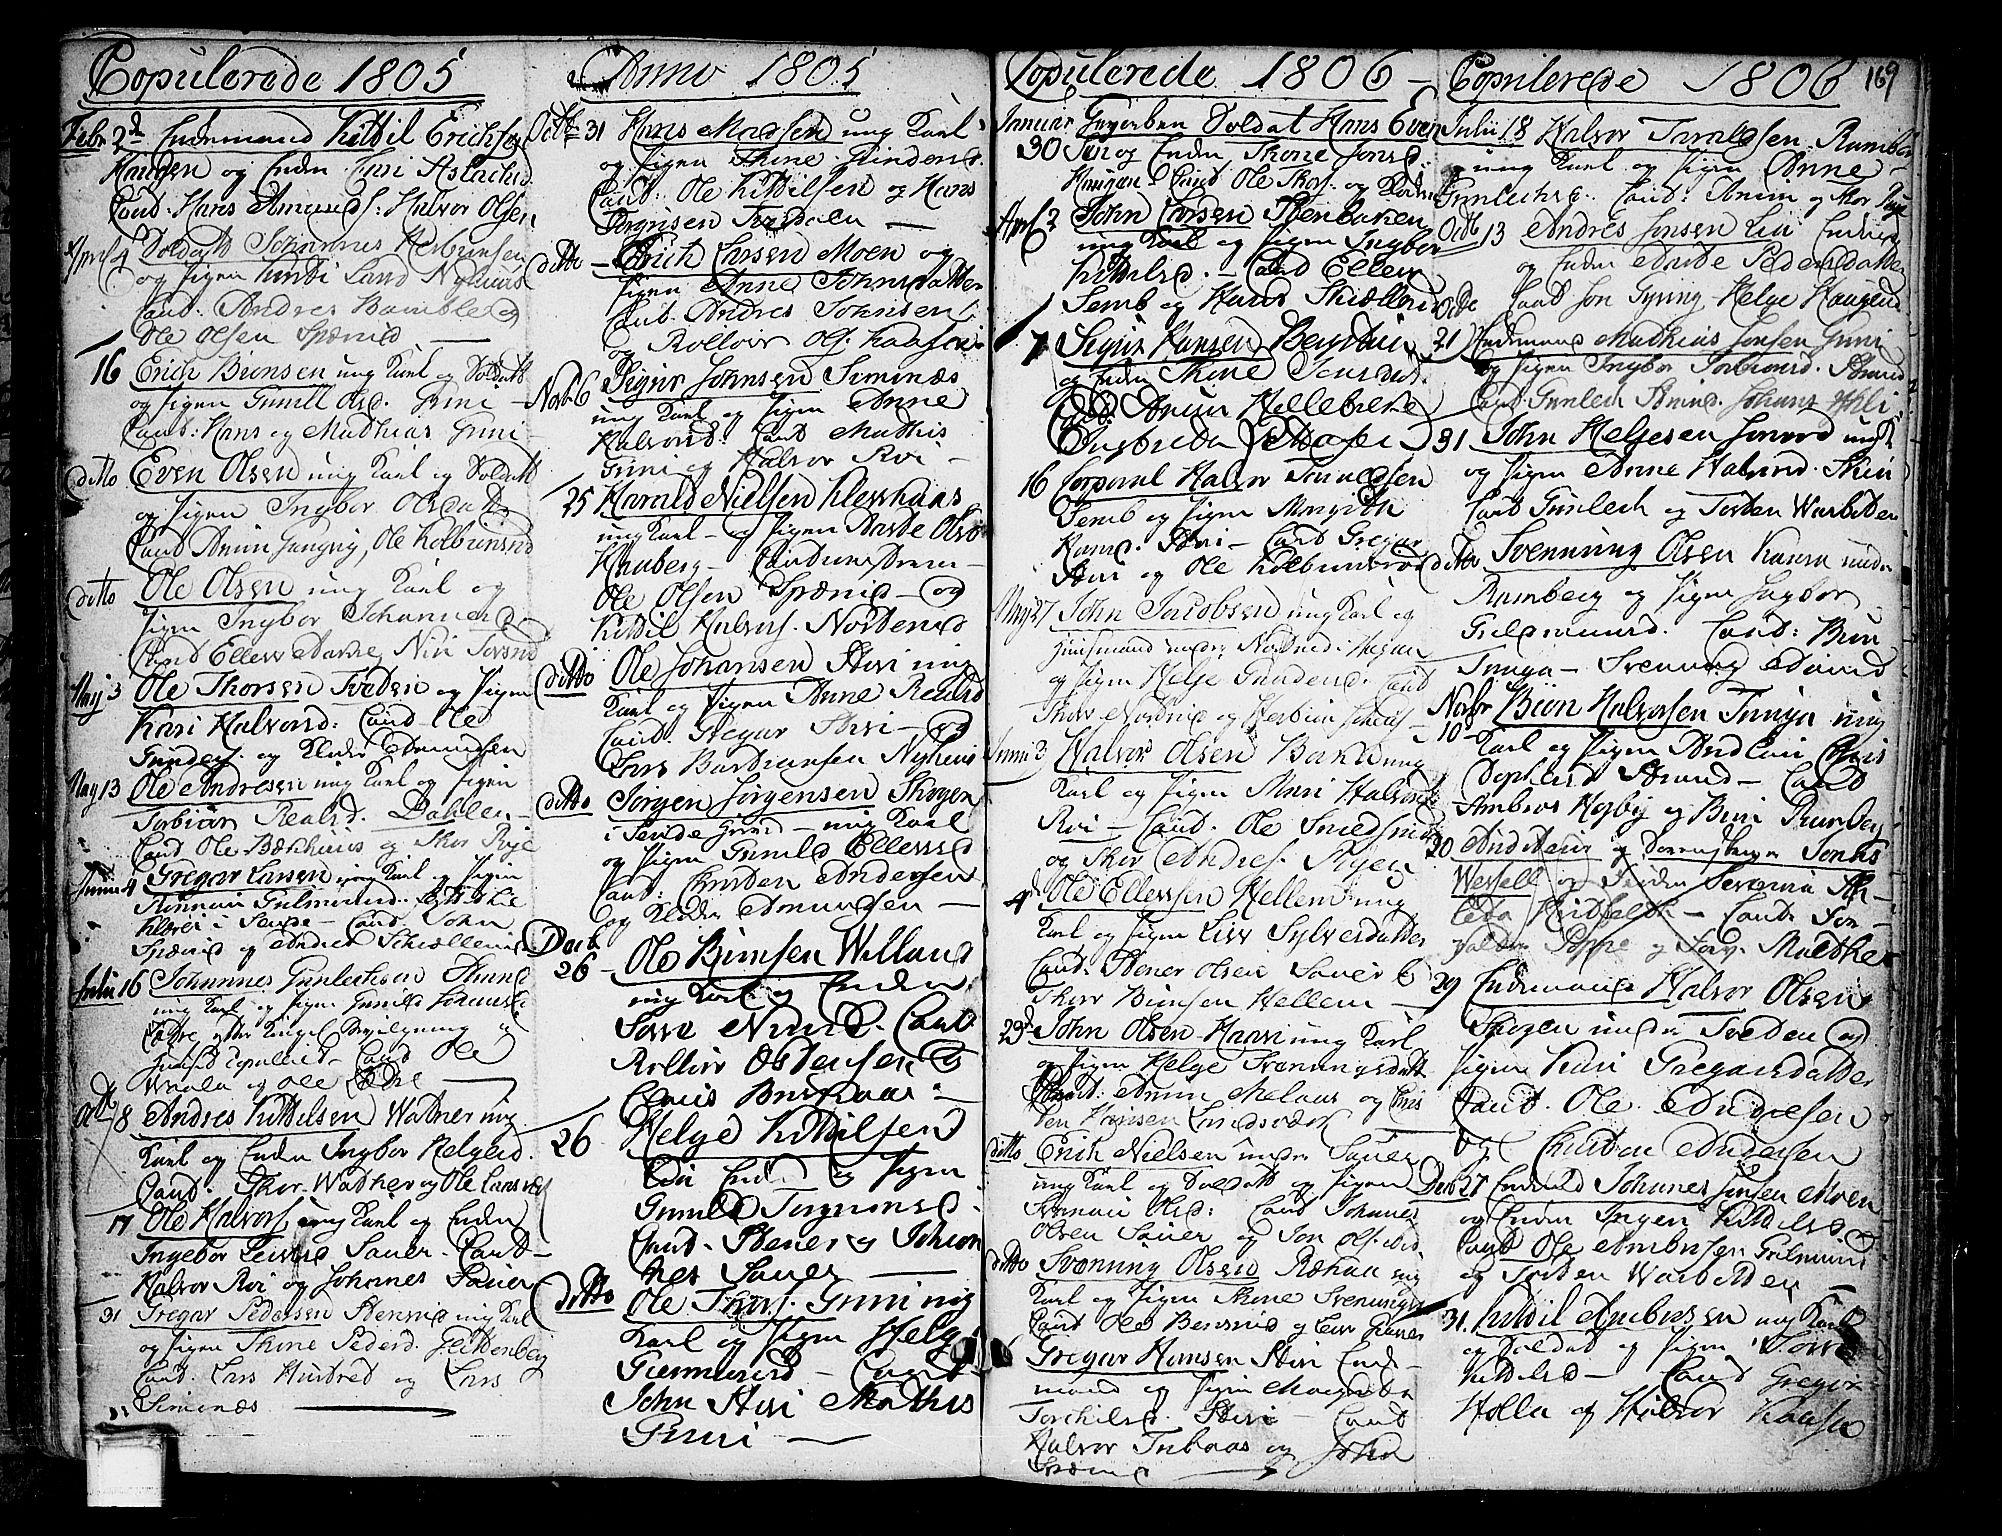 SAKO, Heddal kirkebøker, F/Fa/L0004: Ministerialbok nr. I 4, 1784-1814, s. 169